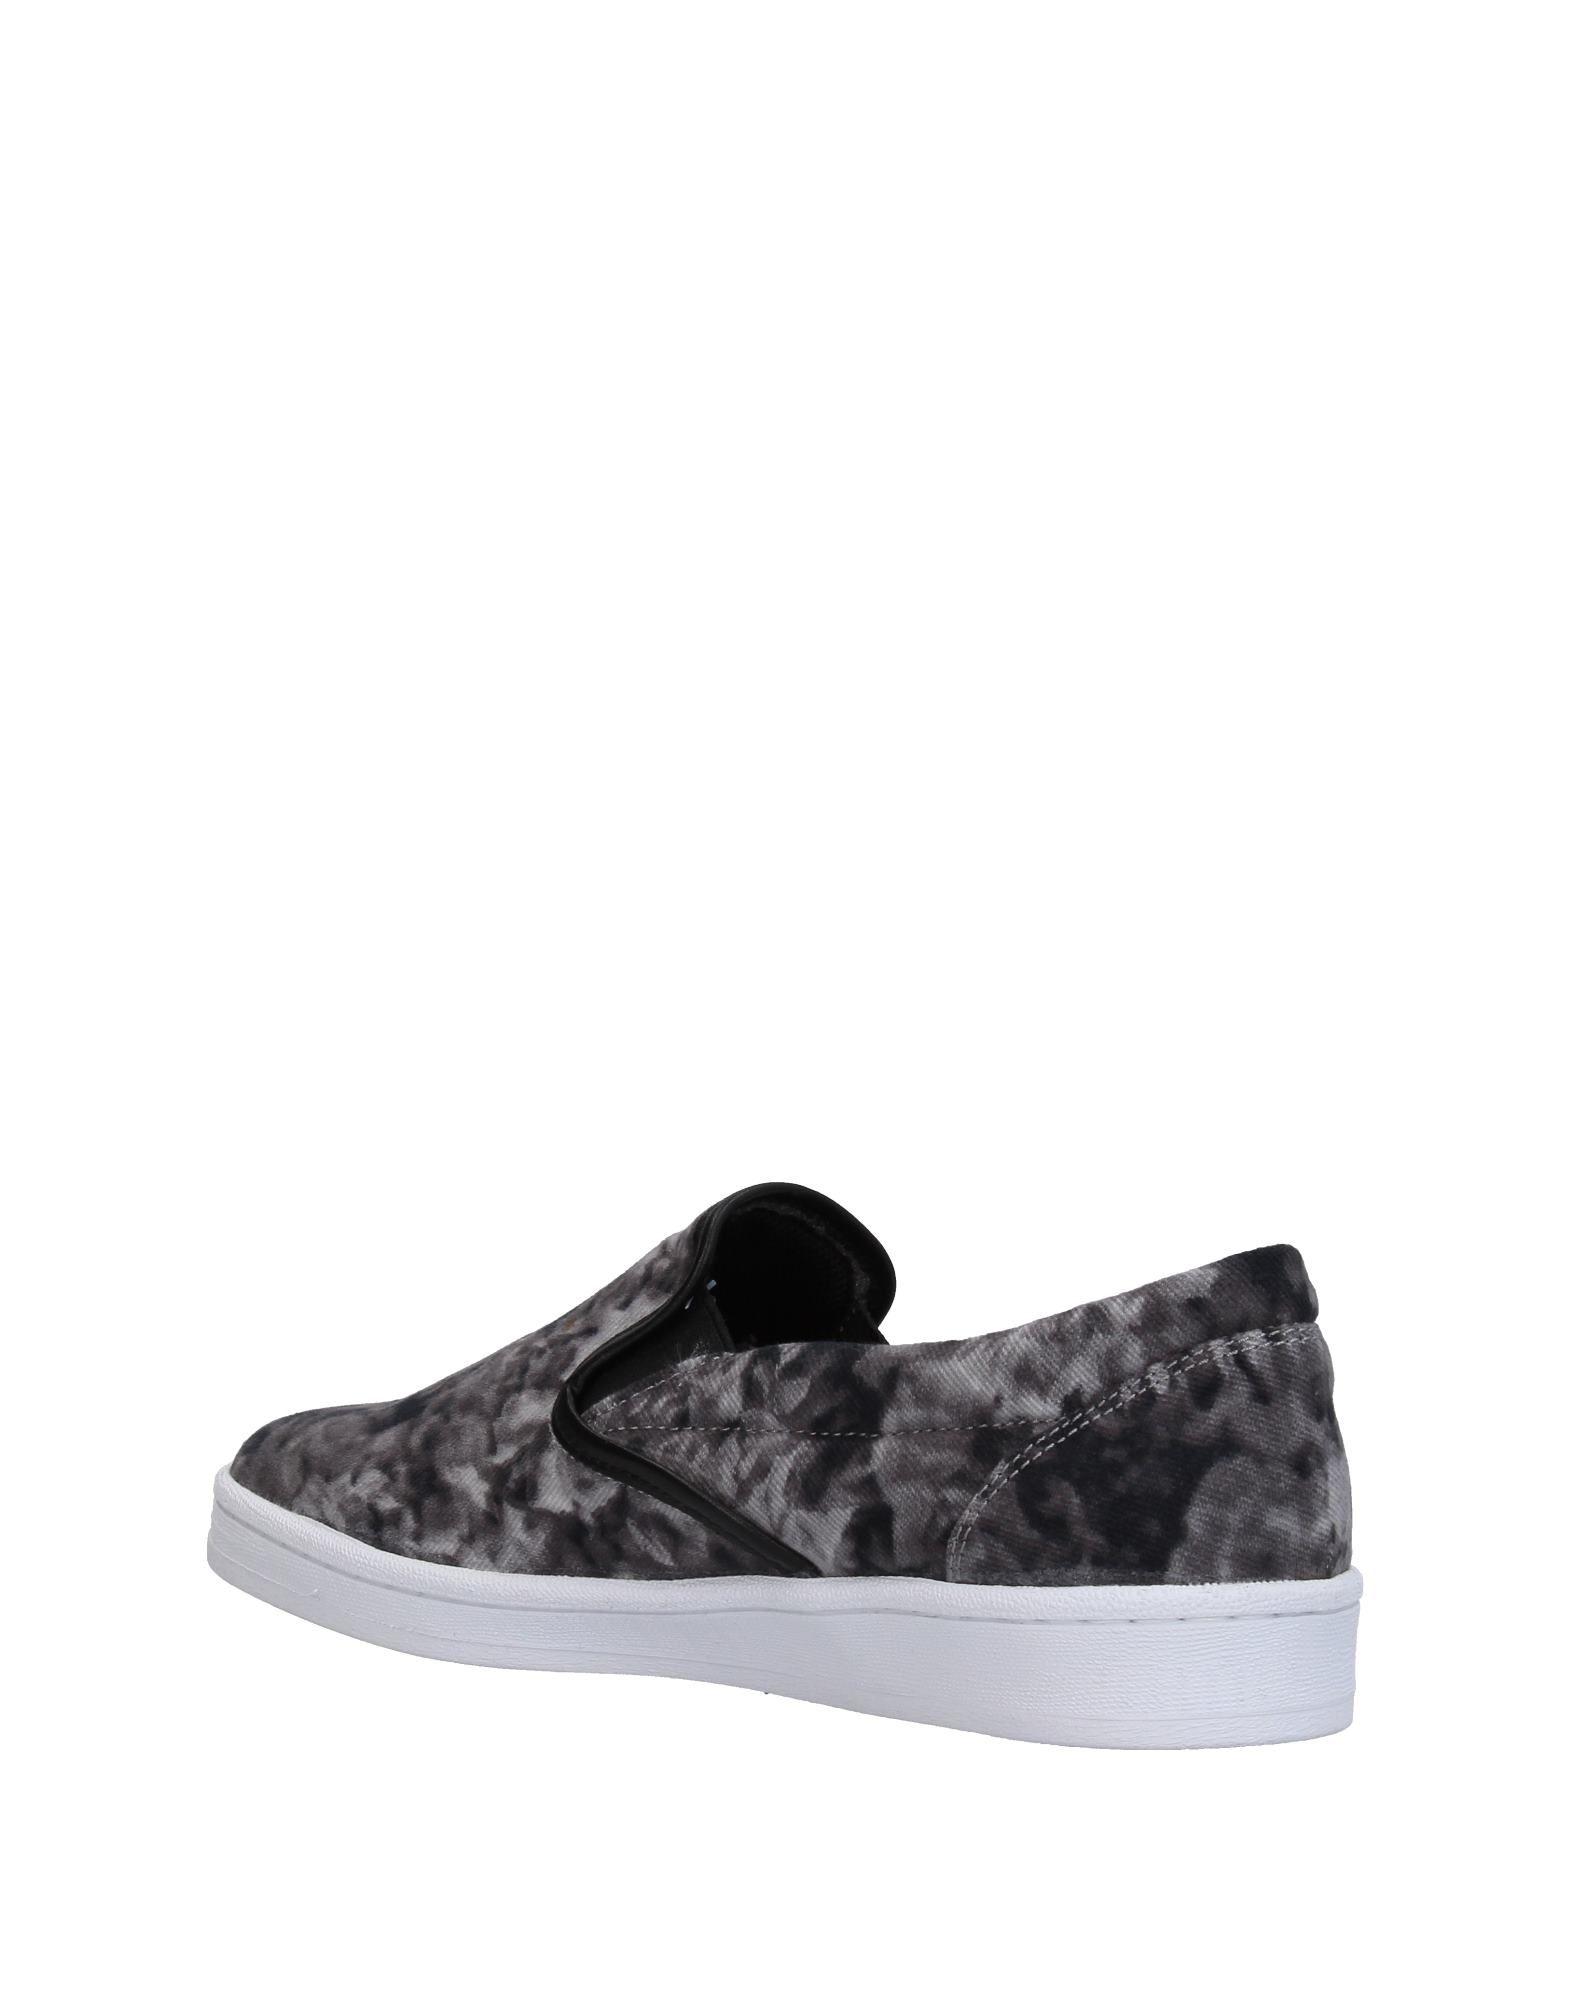 Meltin Pot Sneakers Damen  Gute 11384261OI Gute  Qualität beliebte Schuhe d49869